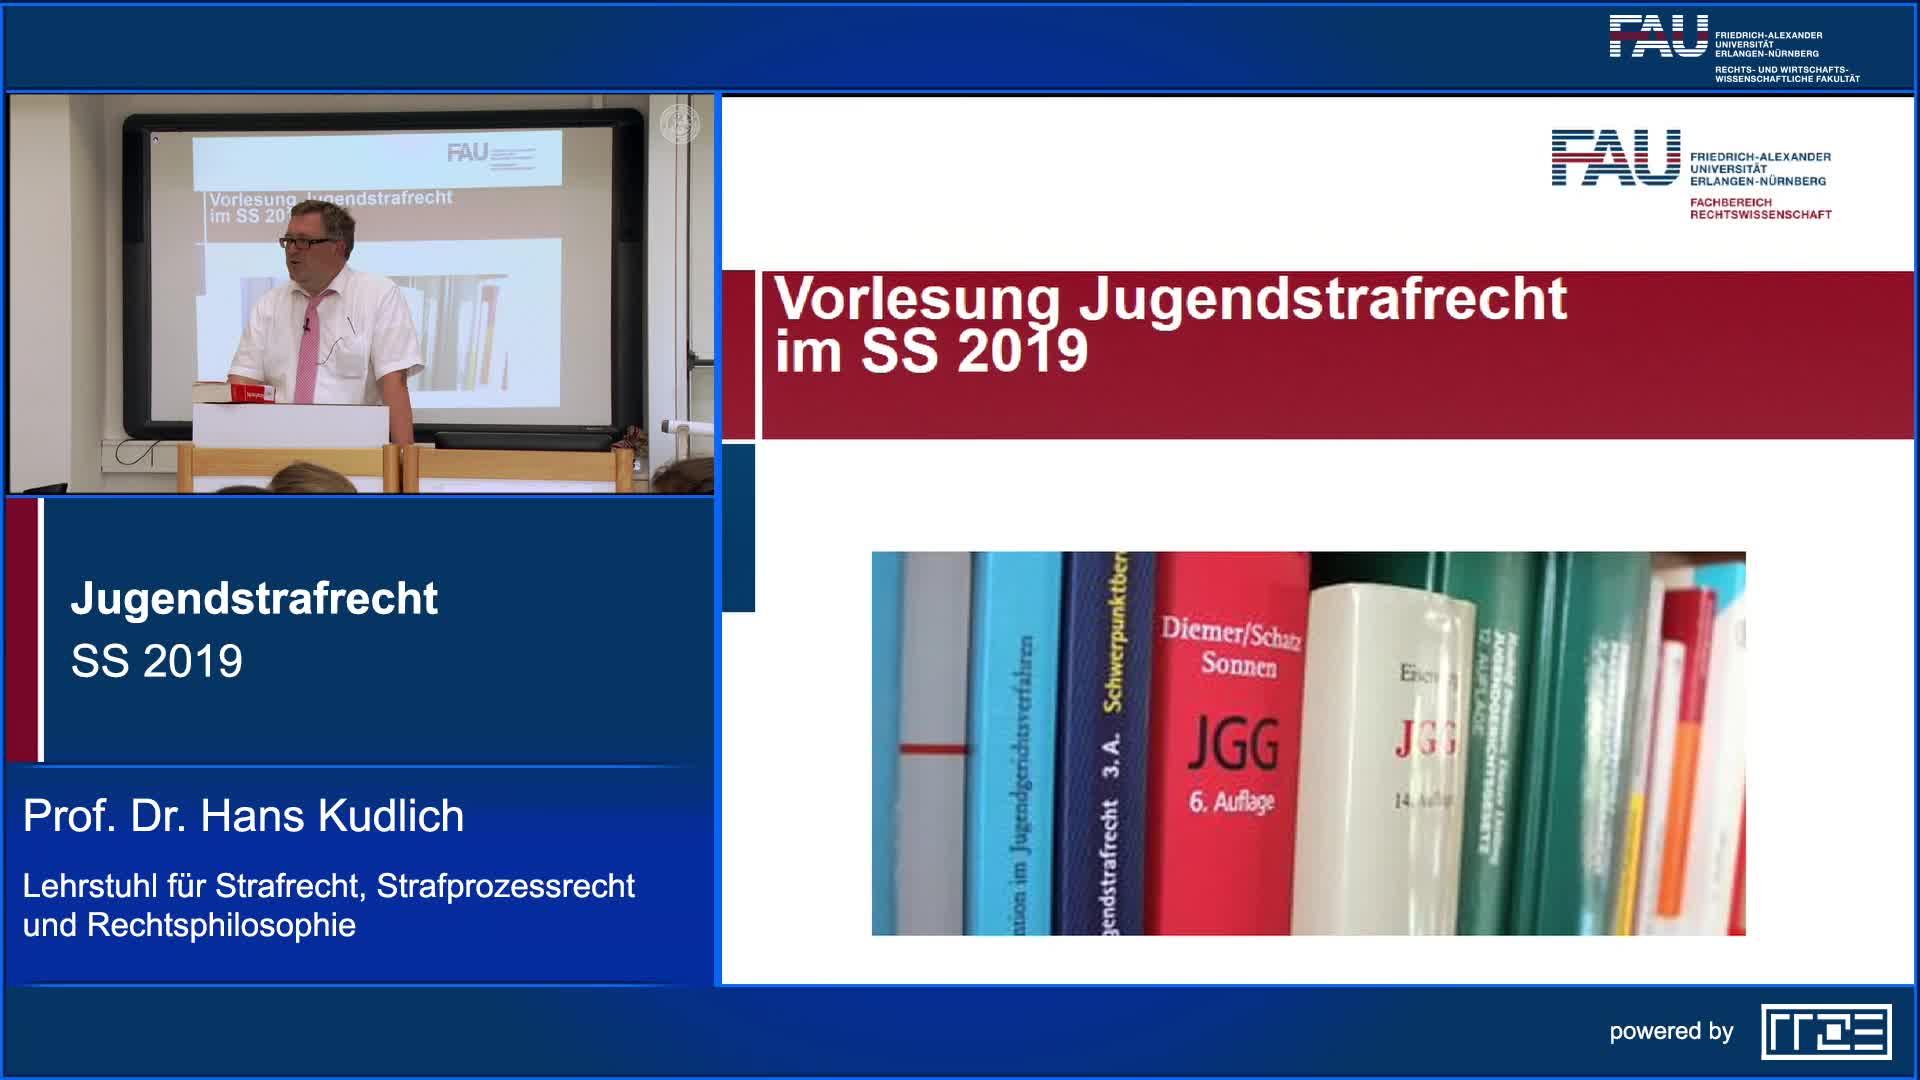 Jugendstrafrecht preview image